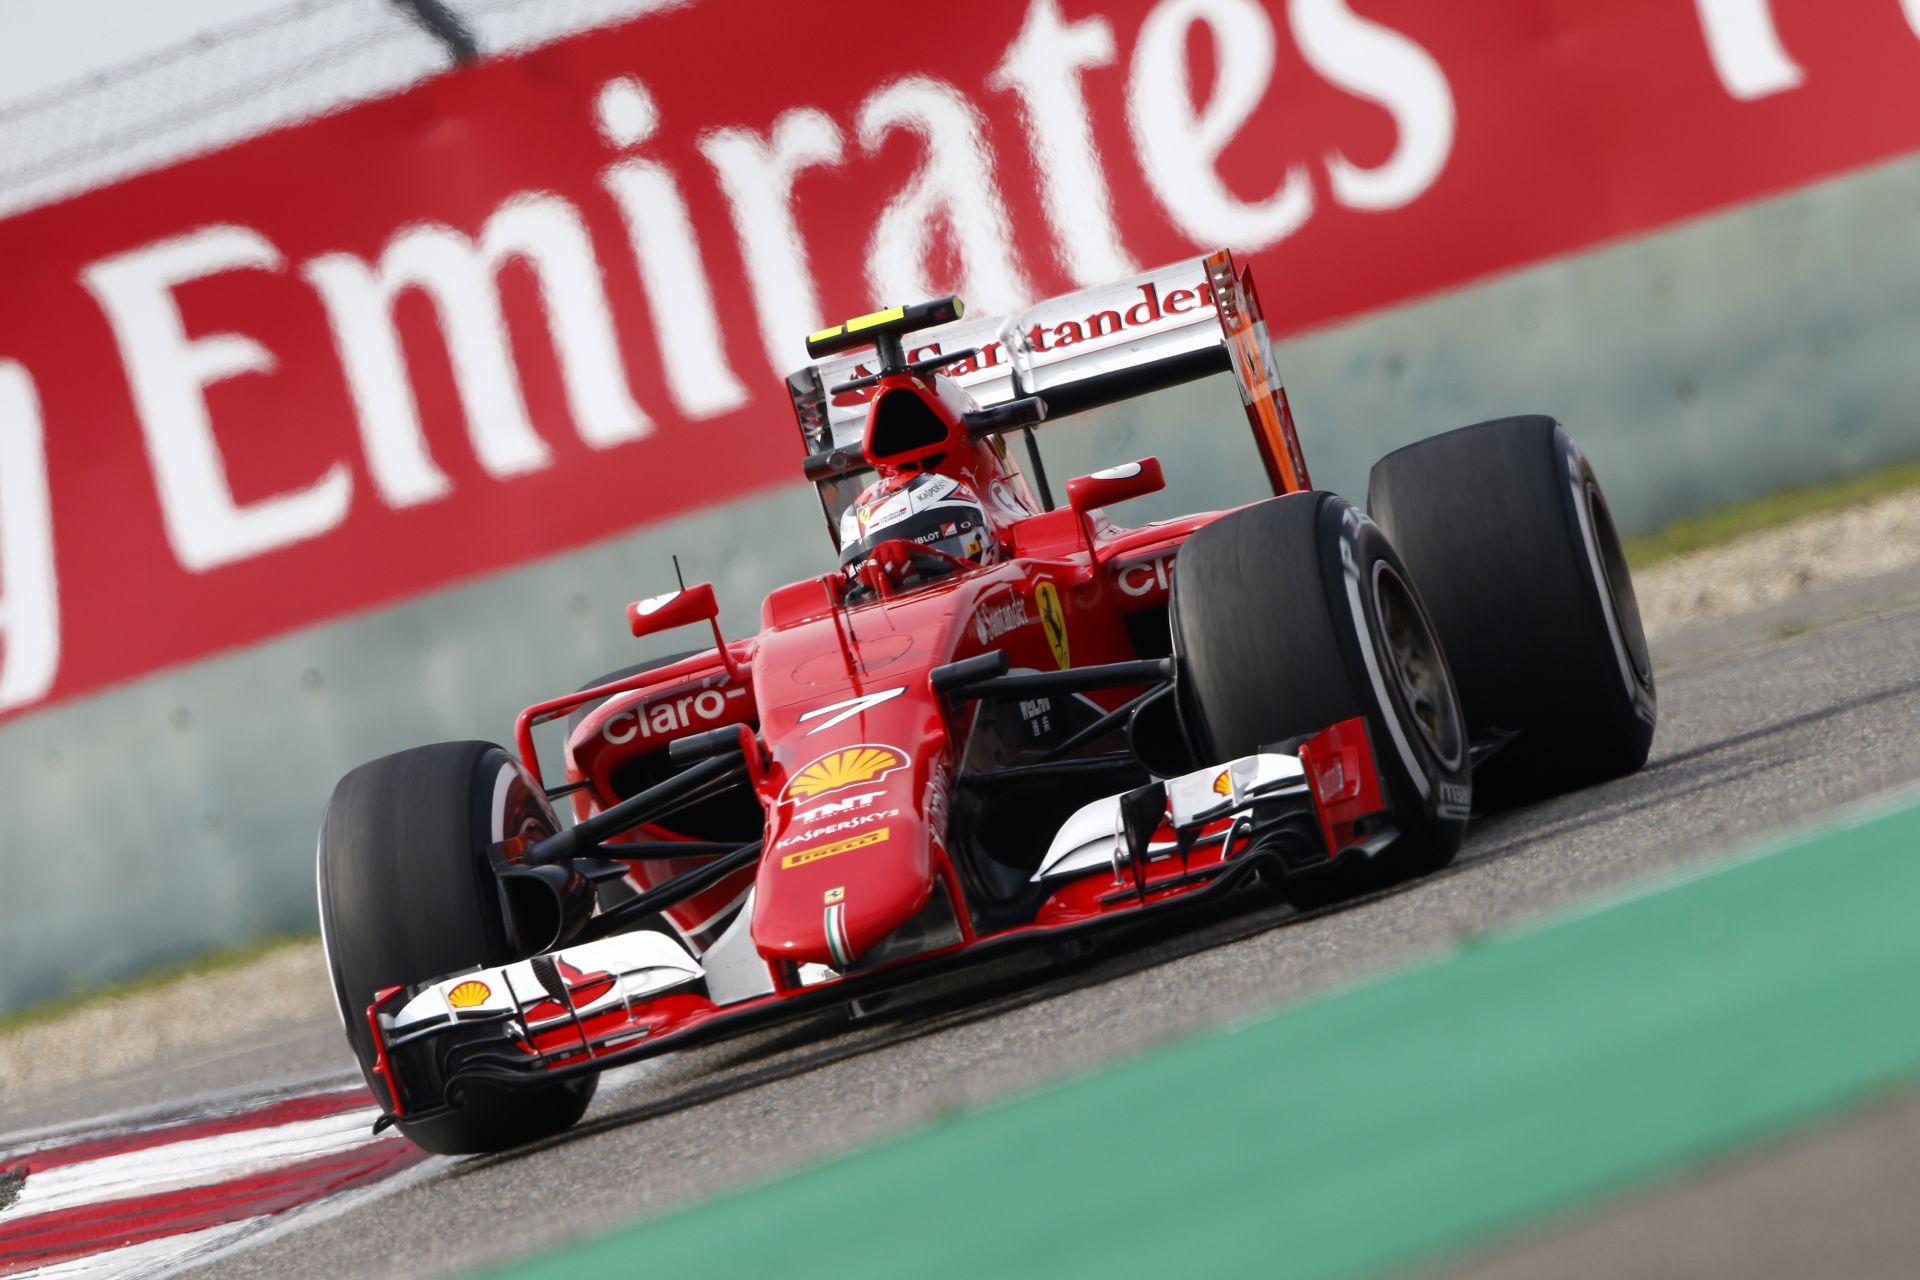 Ferrari-dupla Bahreinben: Raikkönen nyerte az első szabadedzést Vettel előtt! Alonso a TOP-10-ben, Button elszállt